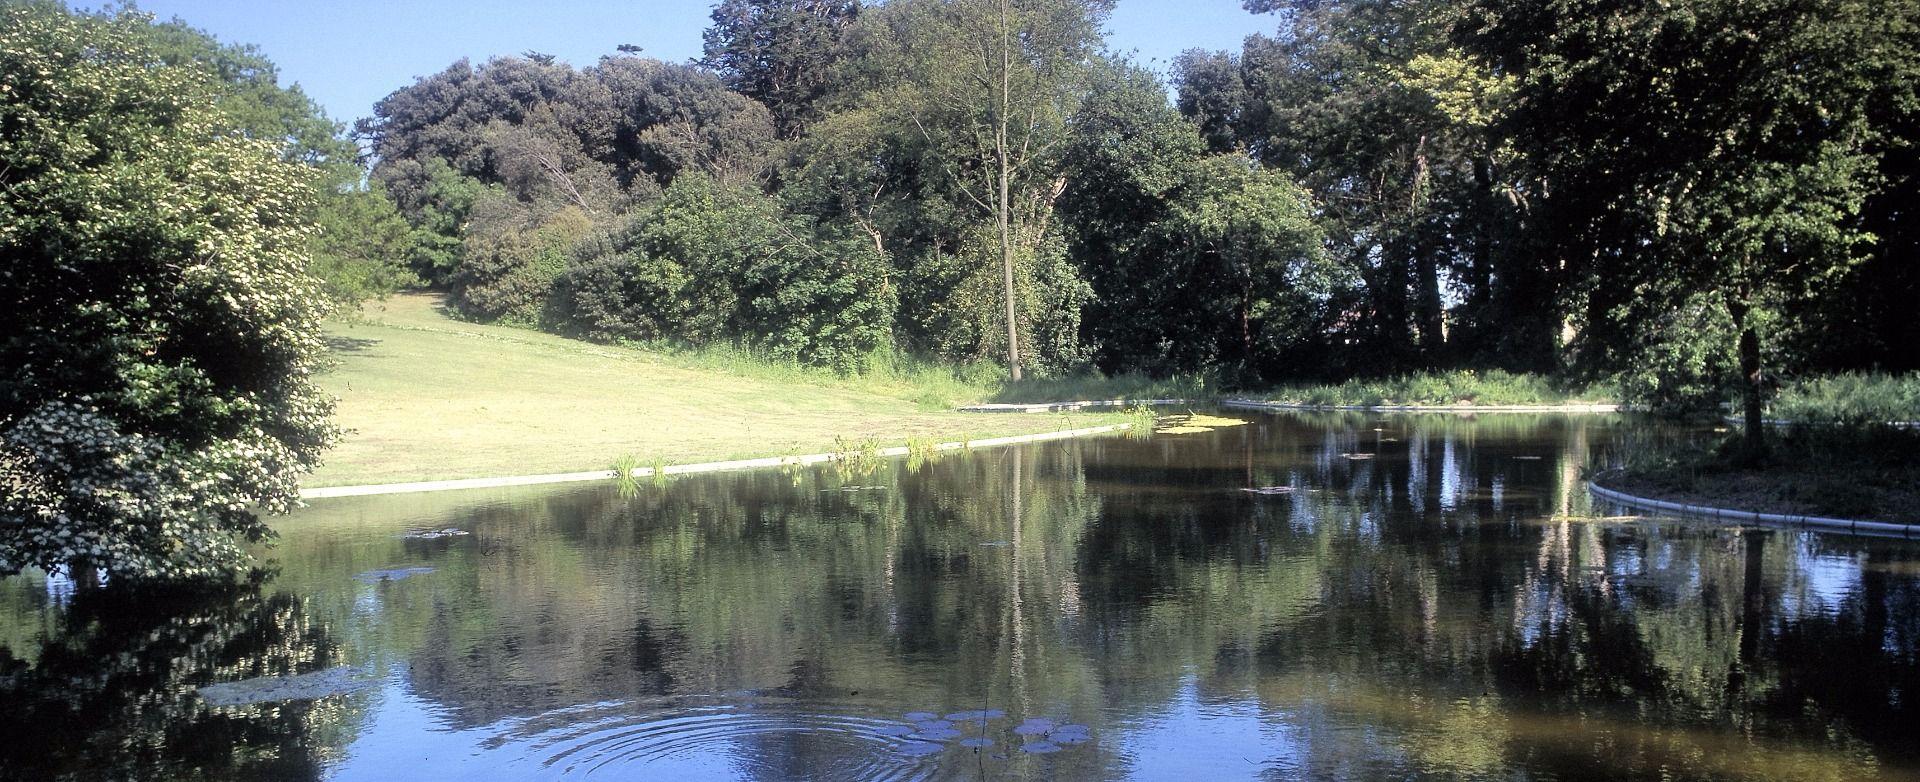 Lake Liners